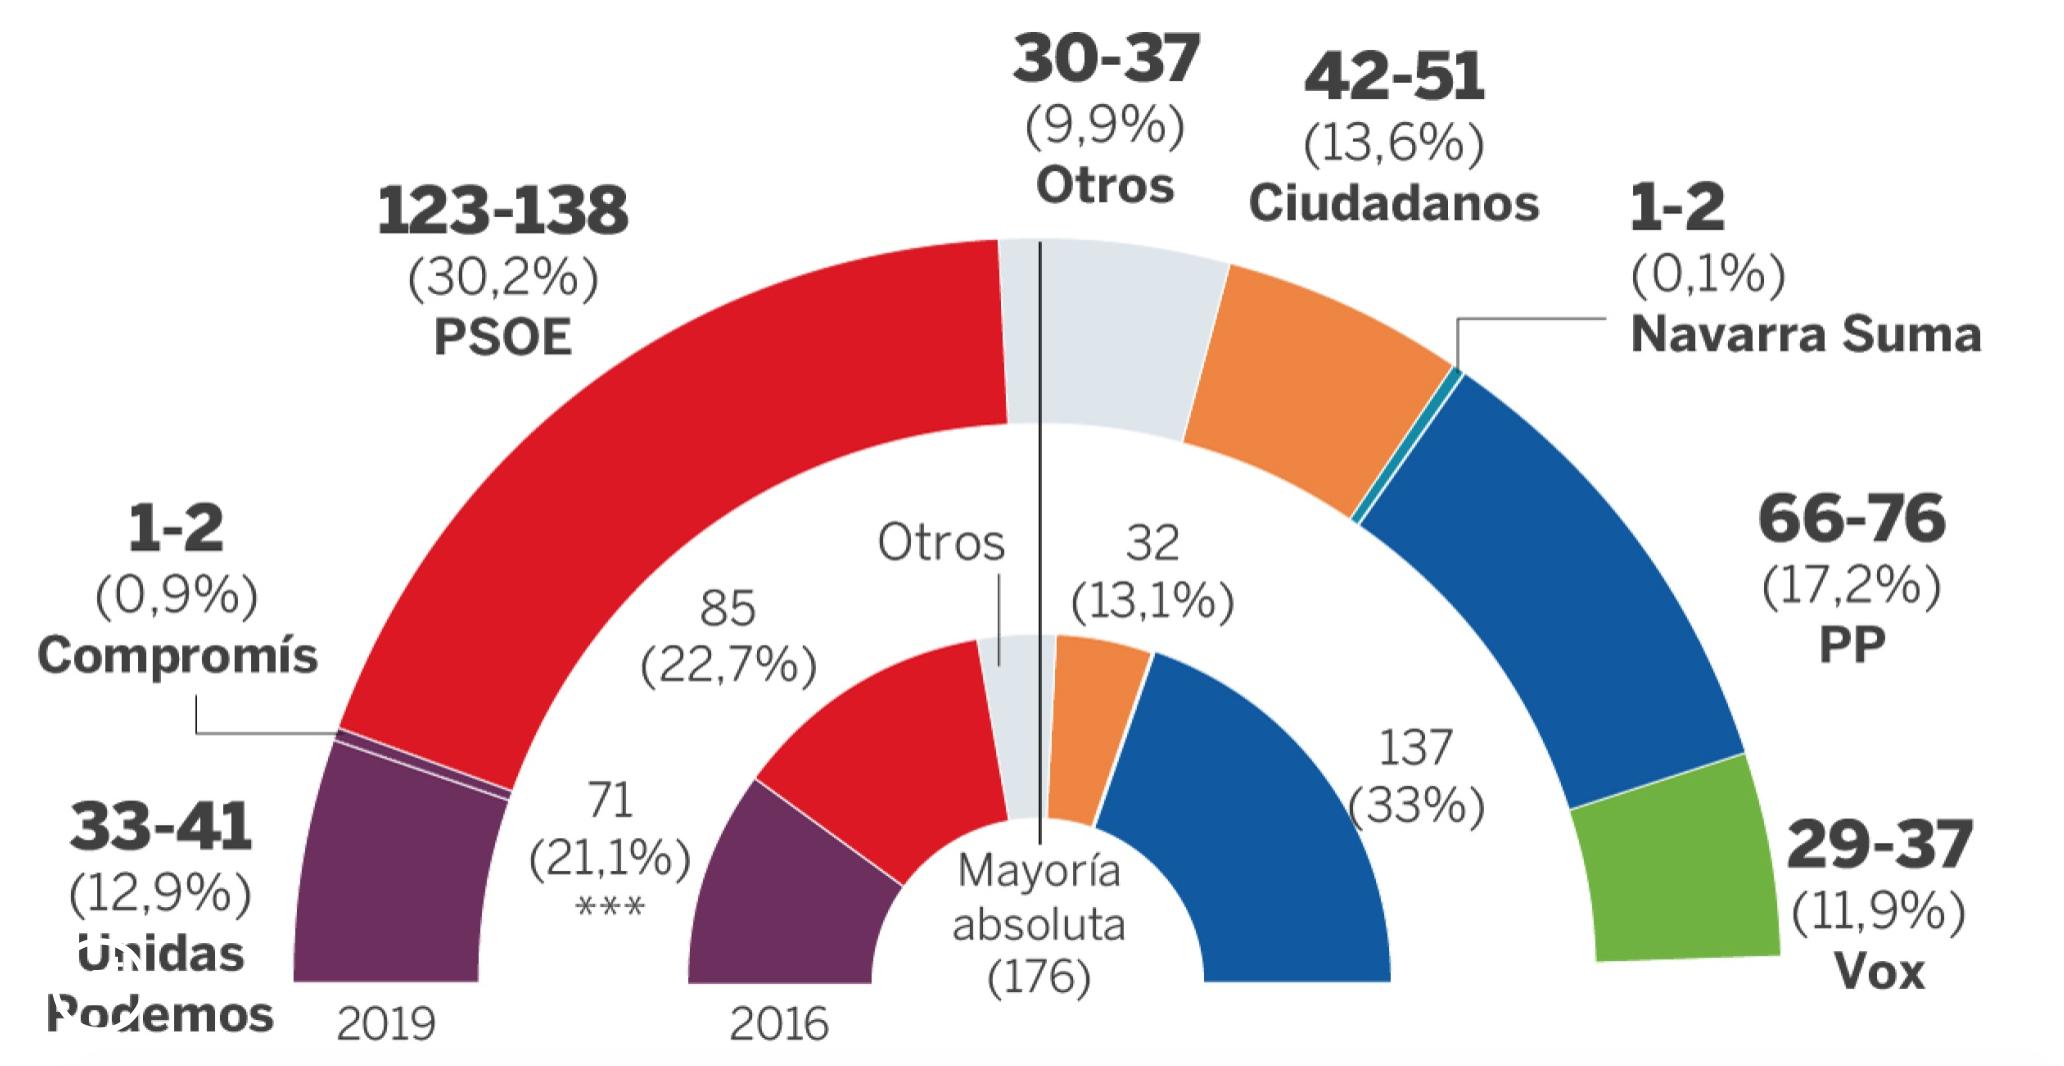 Социологи CIS прогнозируют победу PSOE на выборах 28-А